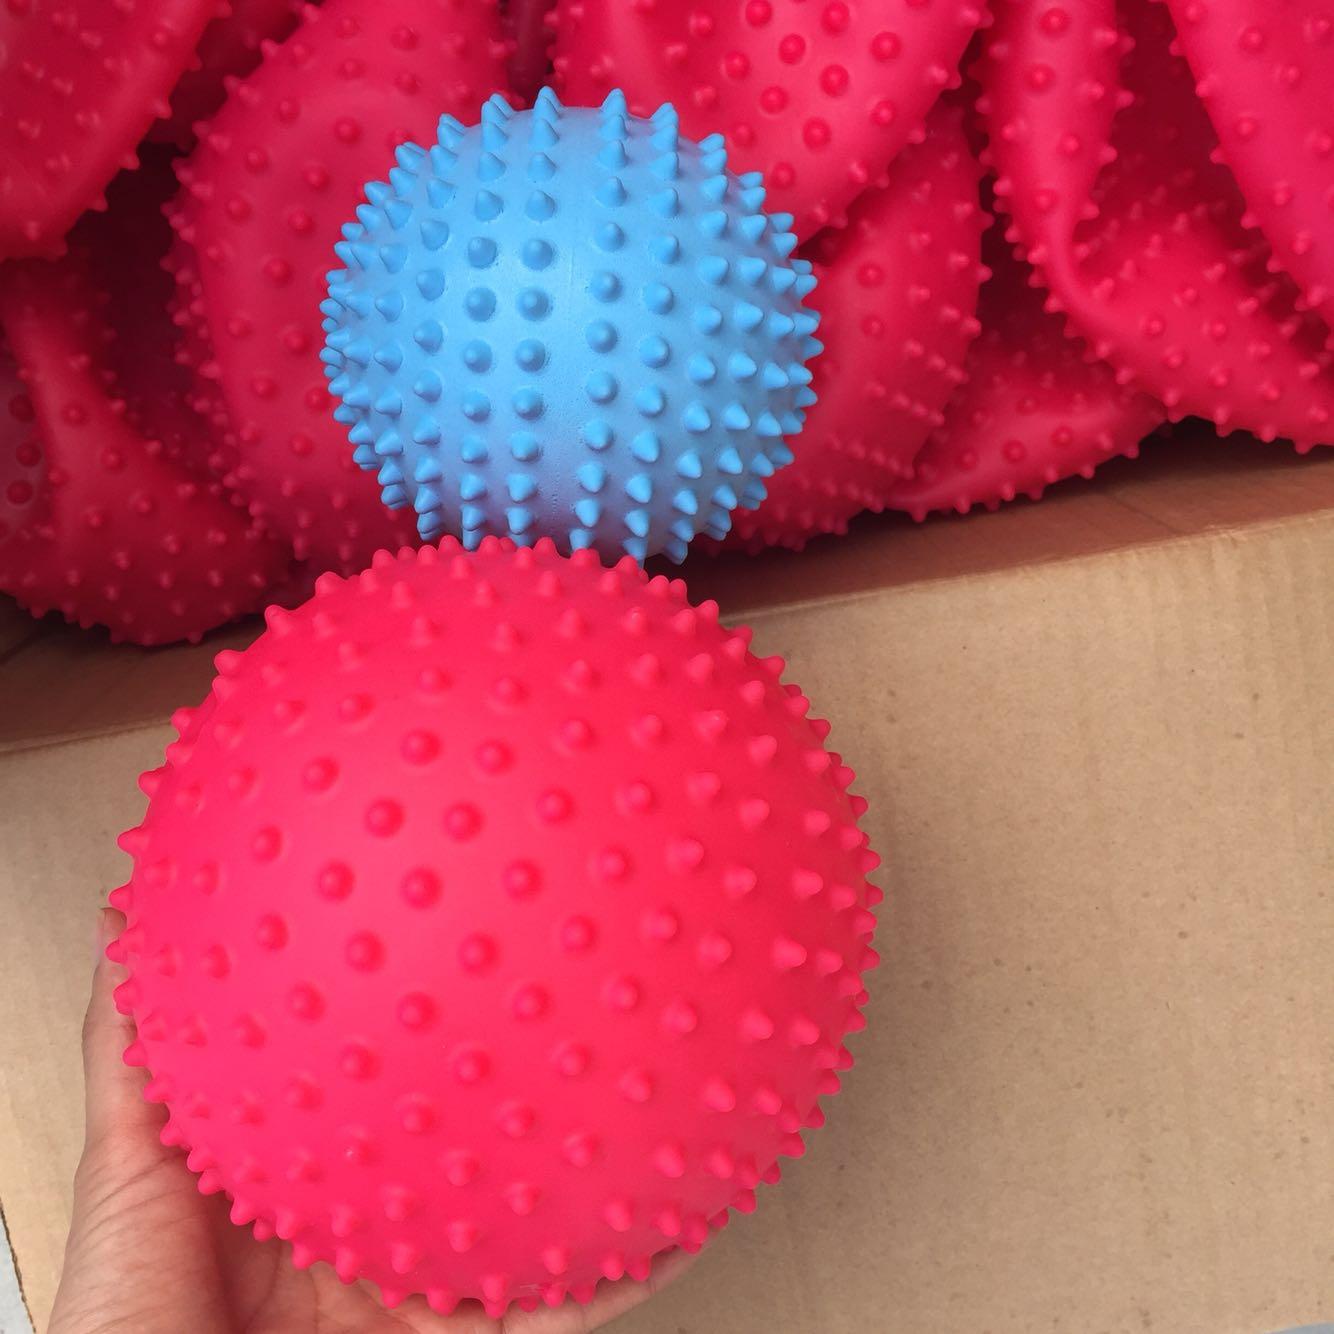 出口婴儿儿童玩具球按摩球皮球